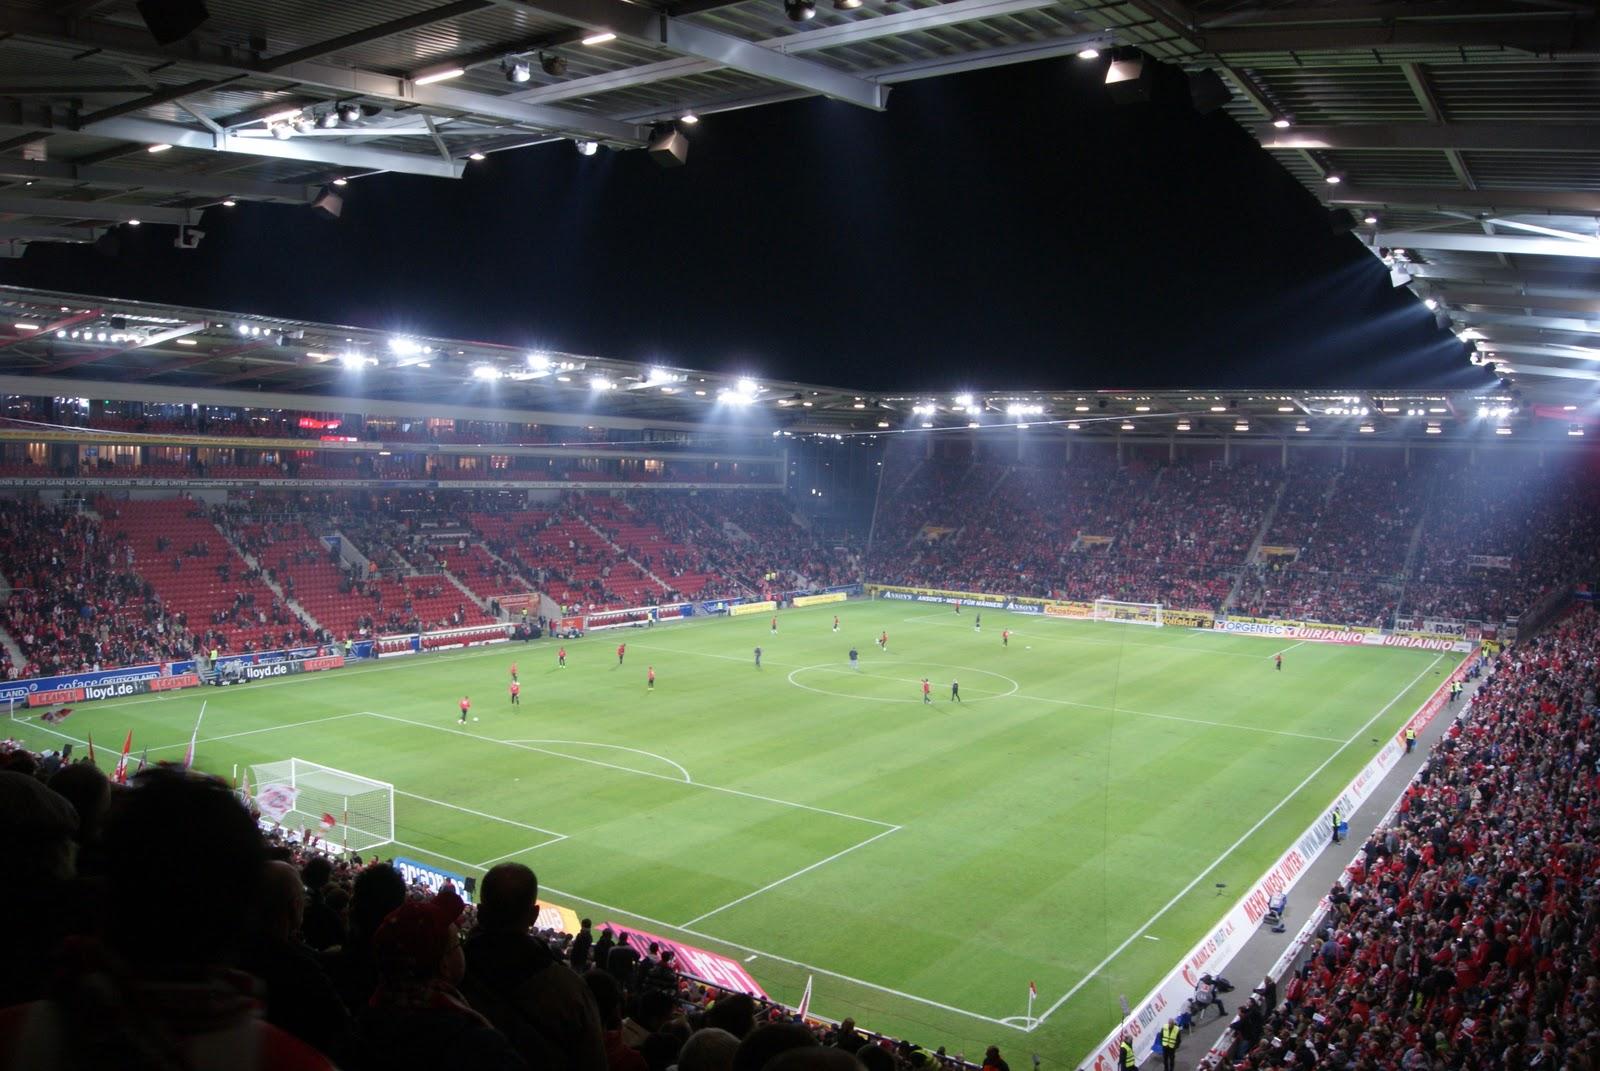 Ver Partido: Mainz 05 vs Asteras Tripoli (31 de julio) (A Que Hora Juegan)